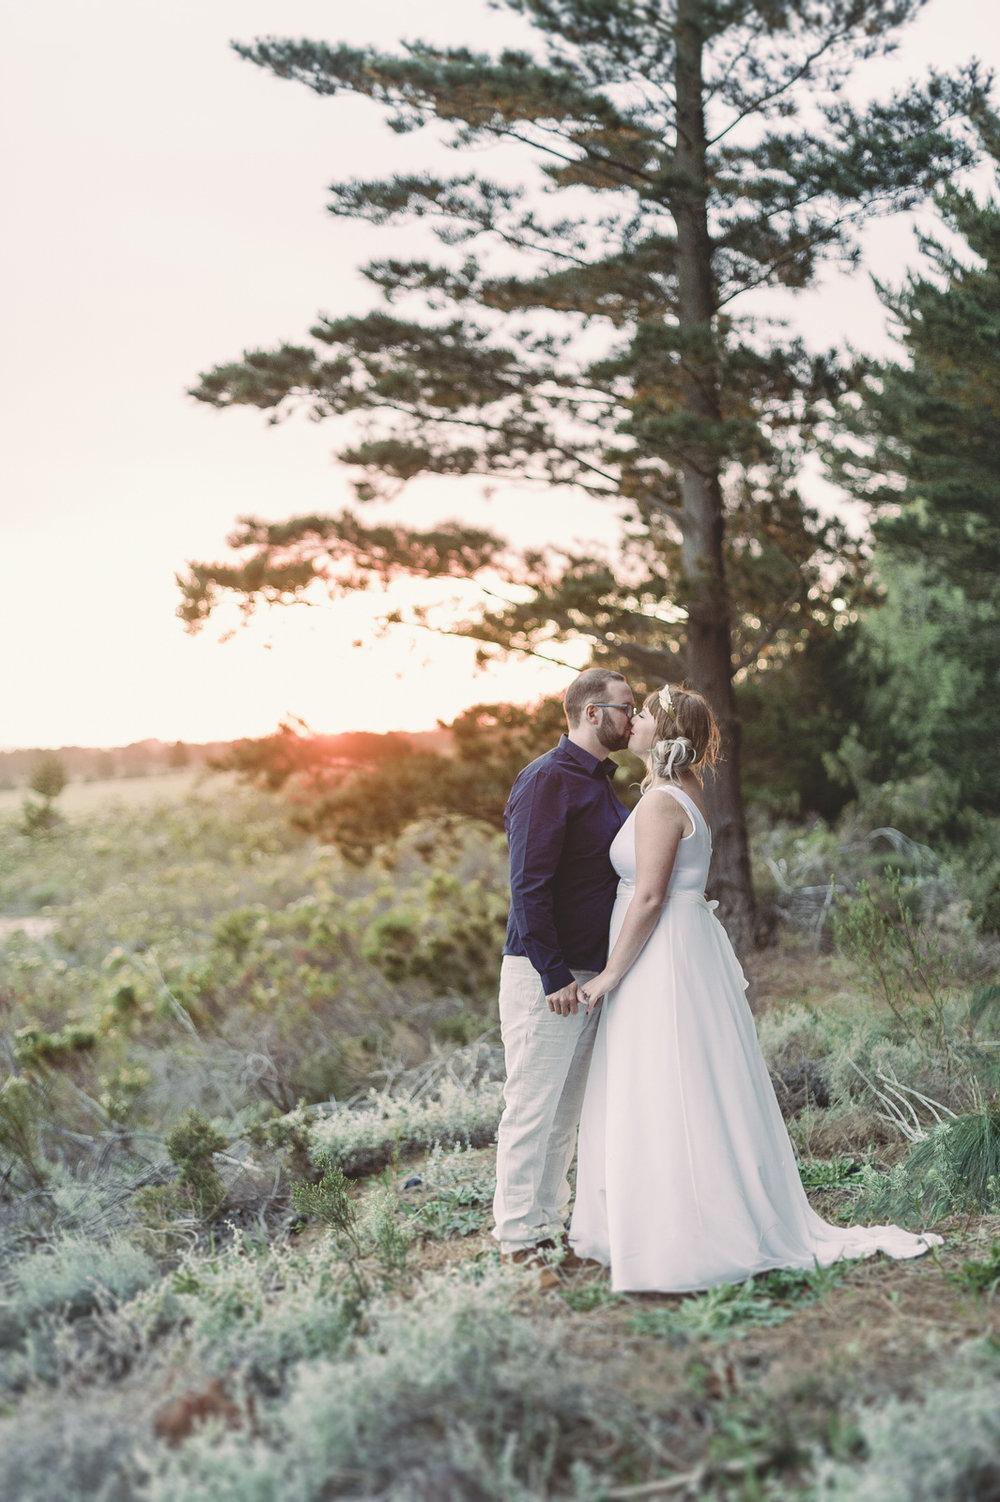 RyanParker_Wedding_CapeTown_Hermanus_R+E_DSC_5482.jpg